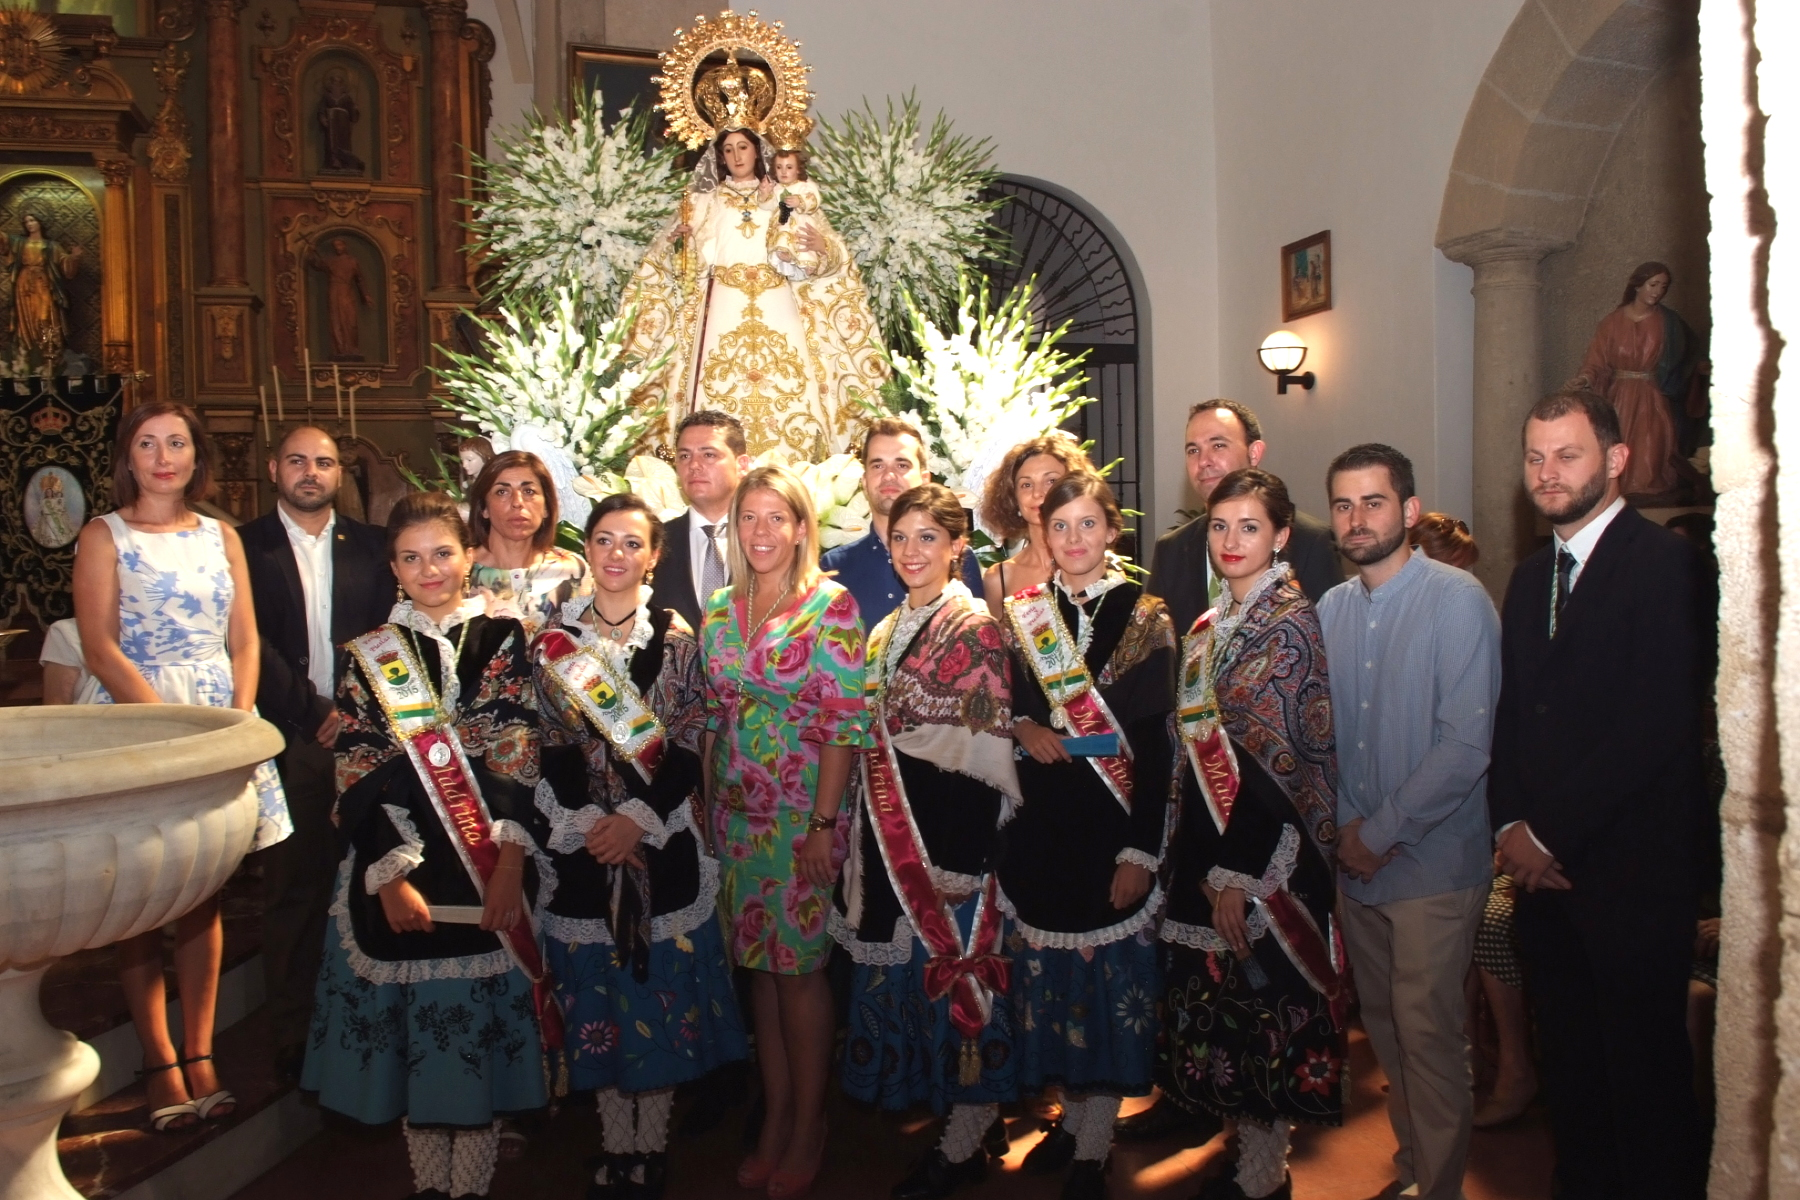 Madrinas 2015 y autoridades posan con la Patrona tras la función religiosa del pasado año